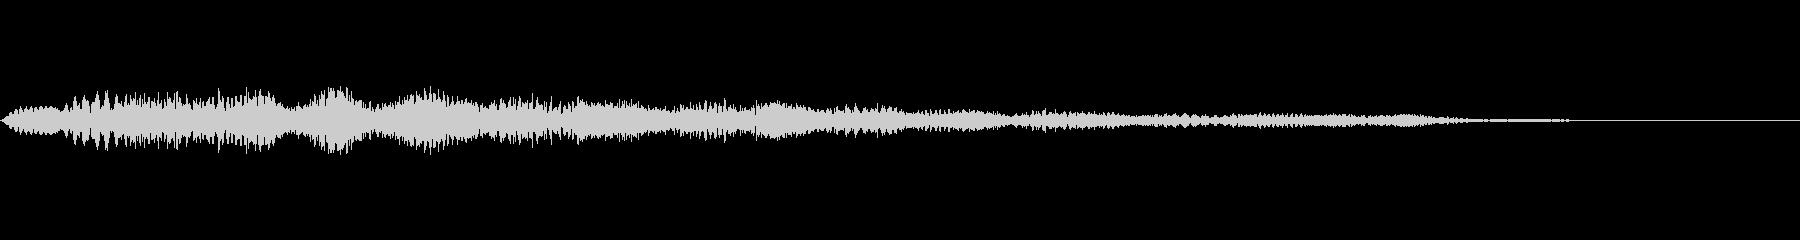 柔らかい雰囲気の通知音・着信音の未再生の波形